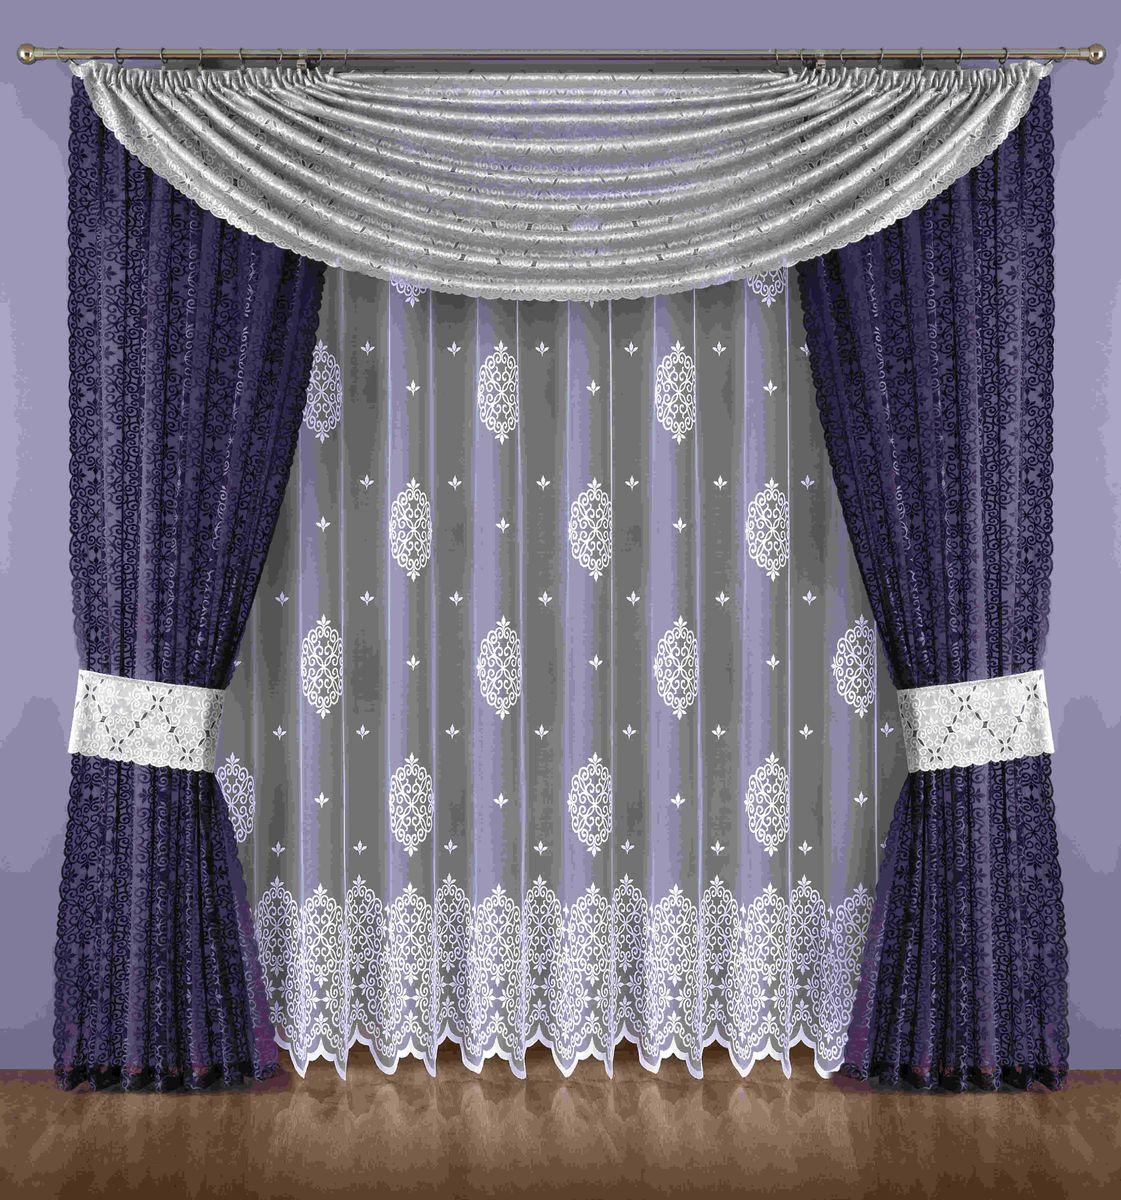 Комплект штор Wisan Maryna, на ленте, цвет: белый, серый, фиолетовый, высота 250 см комплект штор wisan lara на ленте цвет оранжевый белый высота 250 см